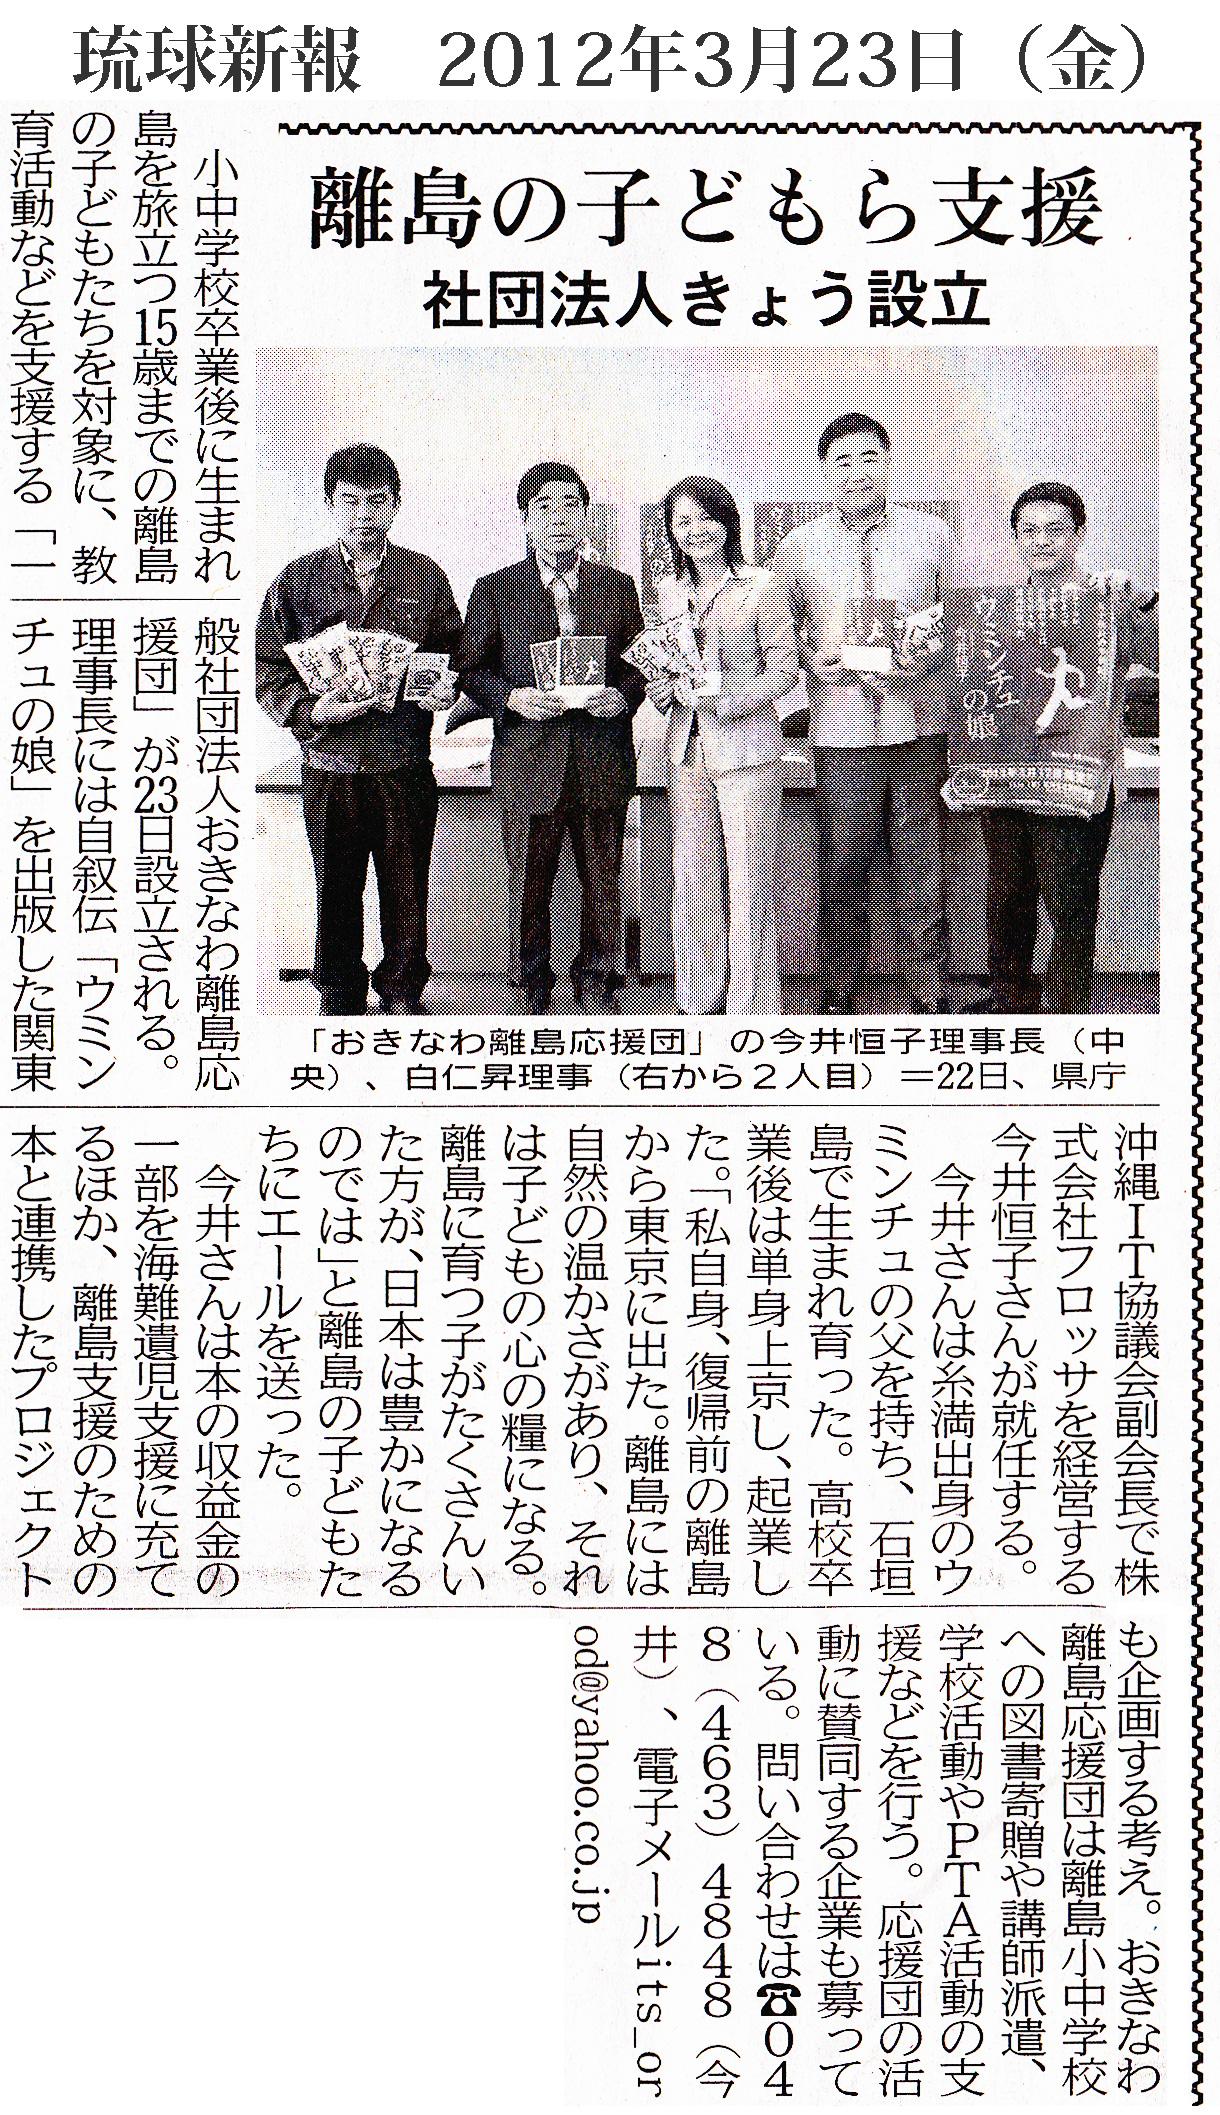 琉球新報 2012年3月23日(金)「離島の子どもら支援 社団法人きょう設立」.